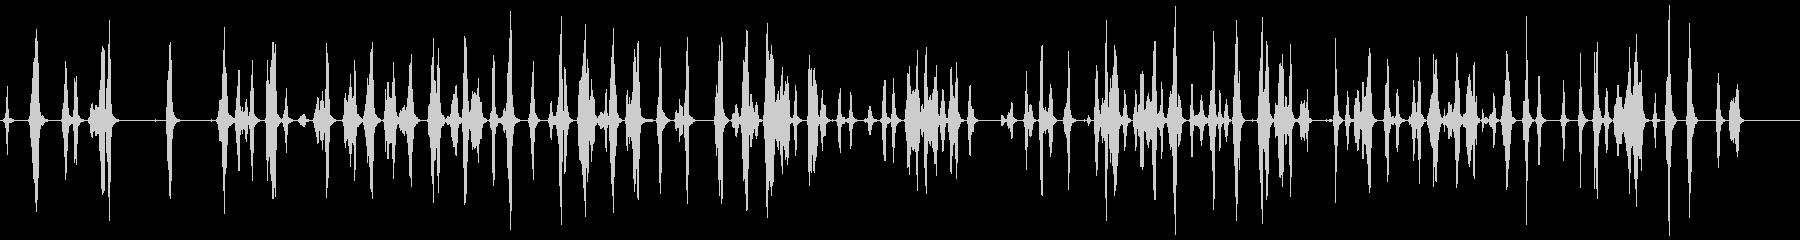 ピッピピッピ.。小鳥の鳴き声(複数・低)の未再生の波形